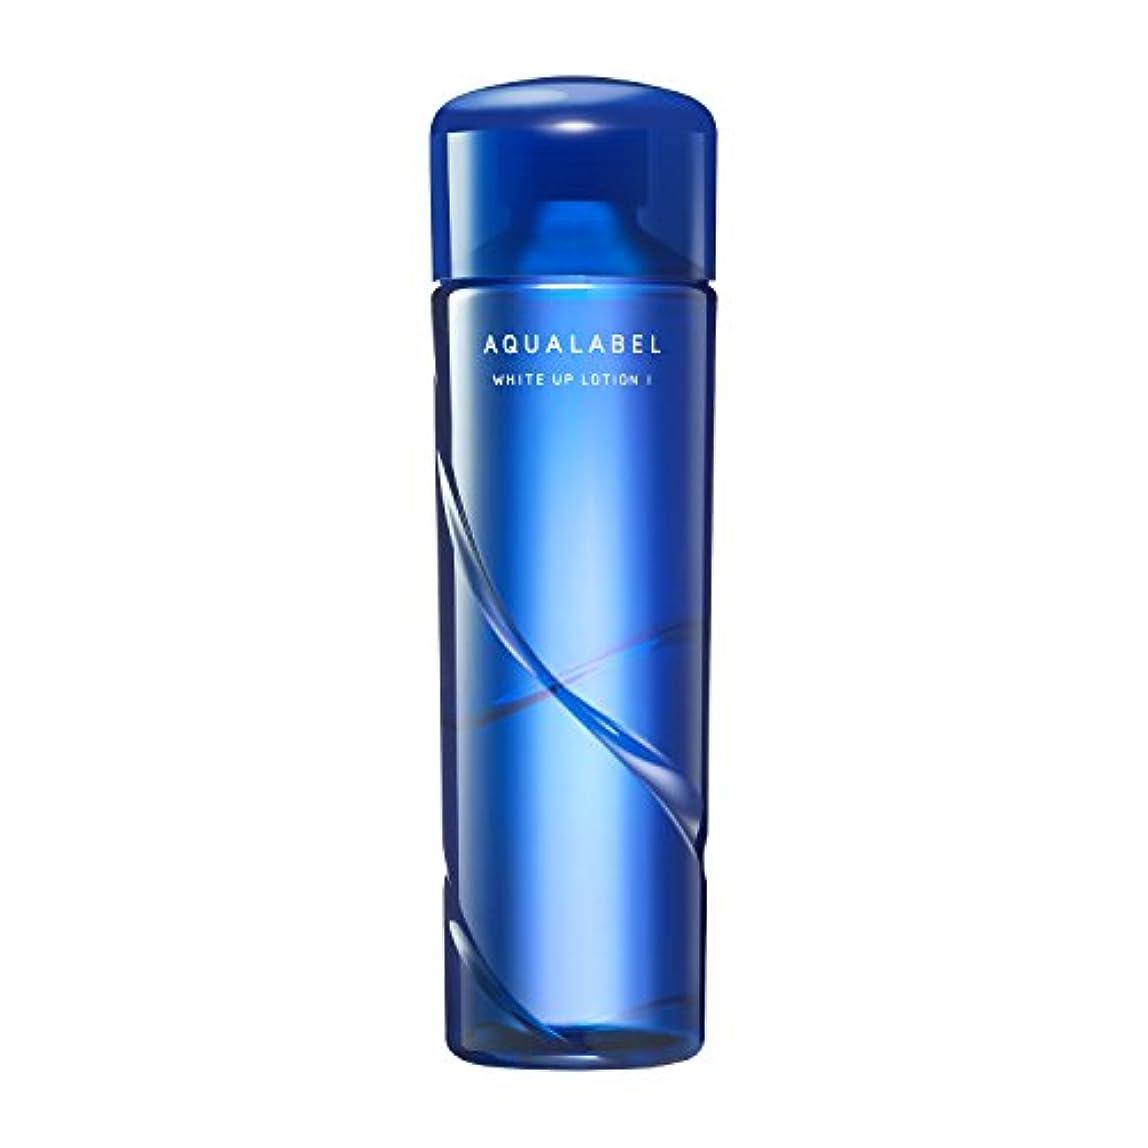 瞑想的地上でほとんどの場合アクアレーベル ホワイトアップ ローション 保湿?美白化粧水 (1) さっぱり 200mL 【医薬部外品】